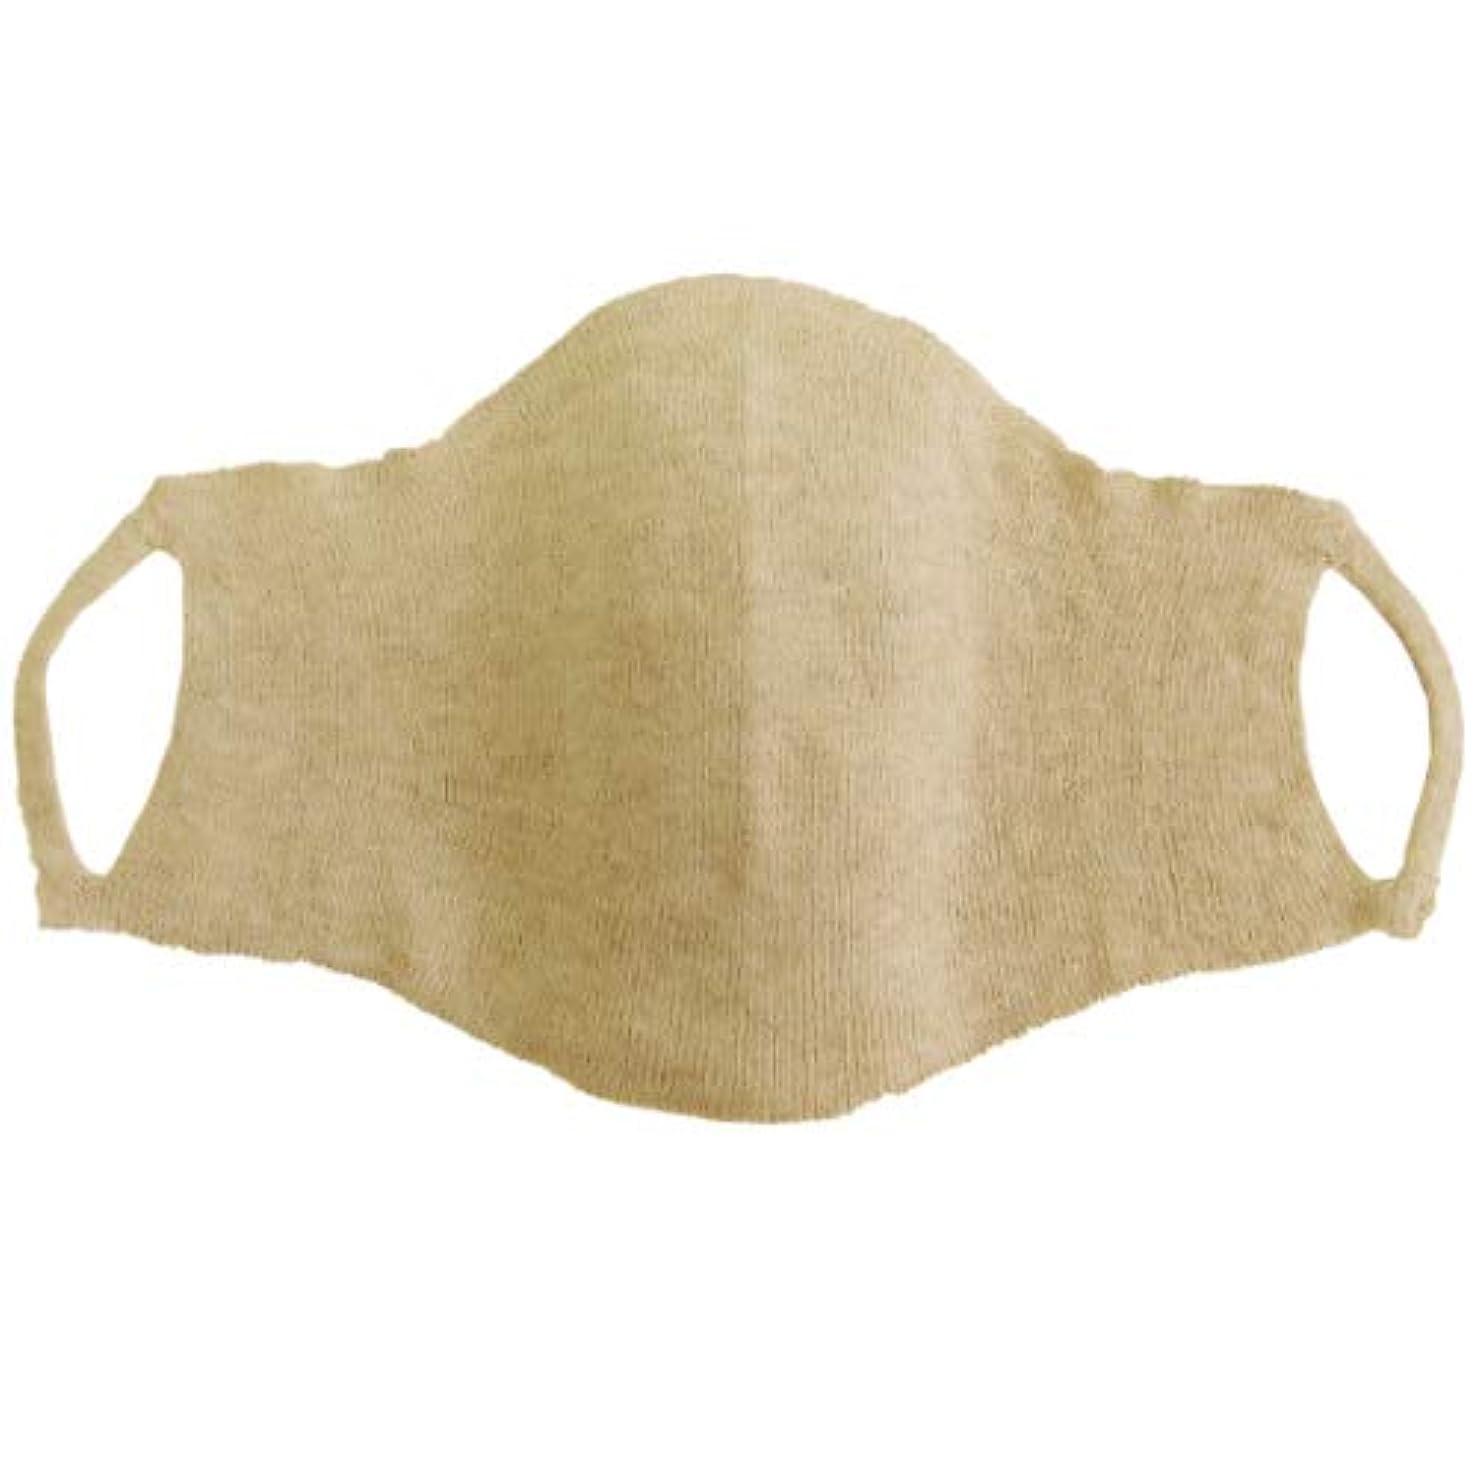 問い合わせる切り下げ投資【オーガニックコットン100%】無縫製 保湿 綿100% おやすみマスク ホールガーメント® 日本製 工場直販 セット販売(10枚組) 4046《7241》